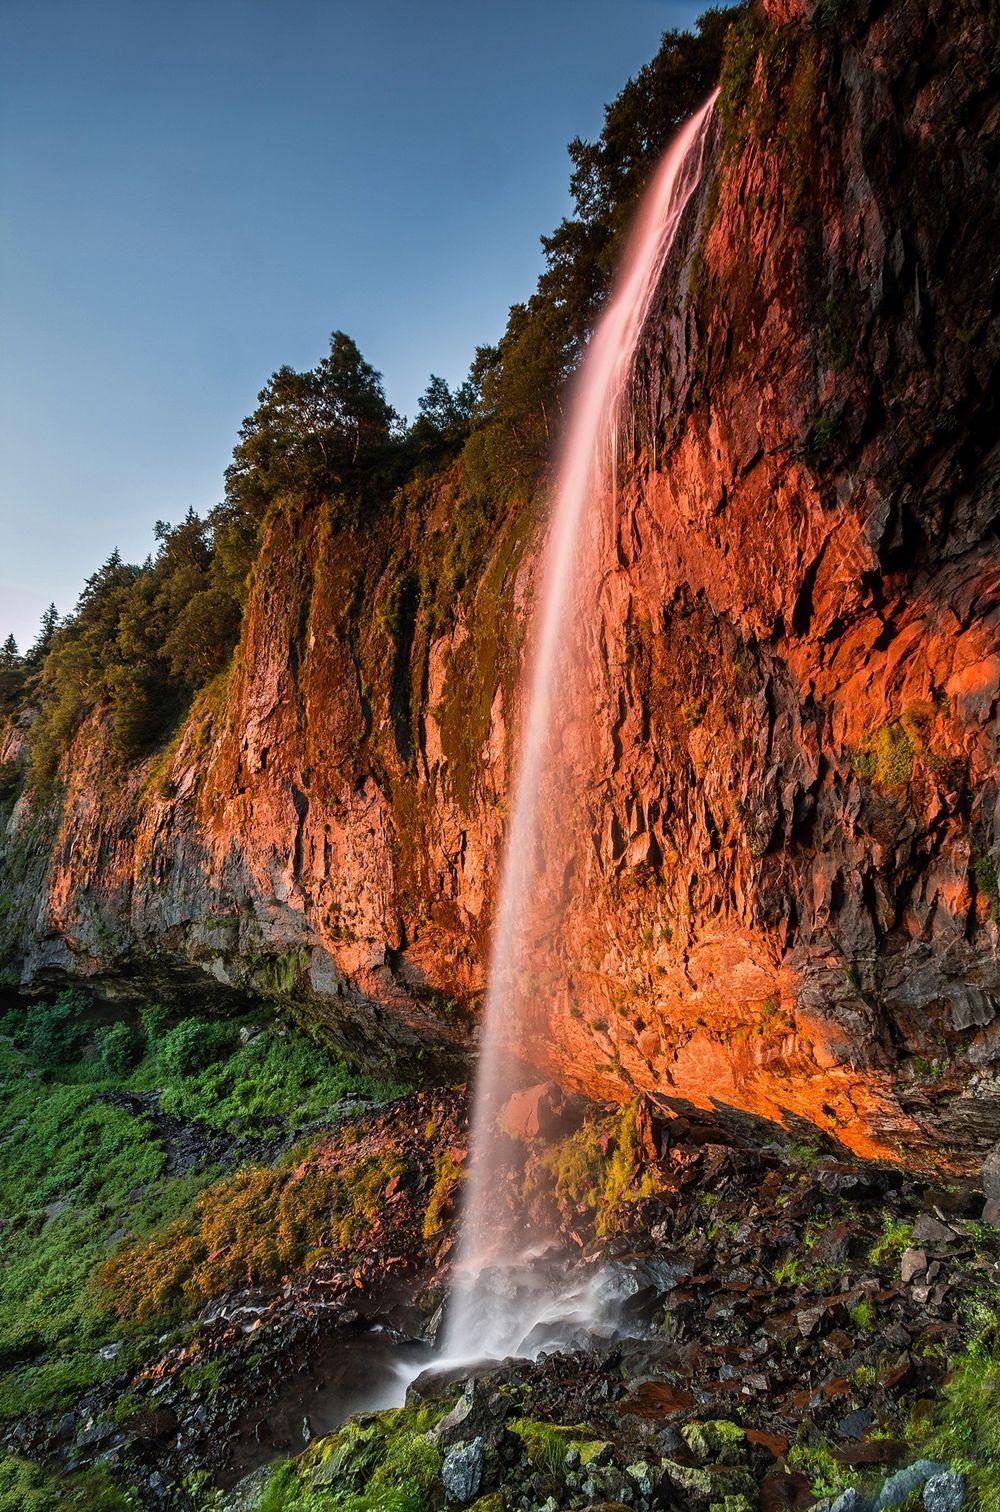 Grande cascade du mont dore le mont dore auvergne puy de d me france auvergne que j 39 aime - Le mont dore office du tourisme ...